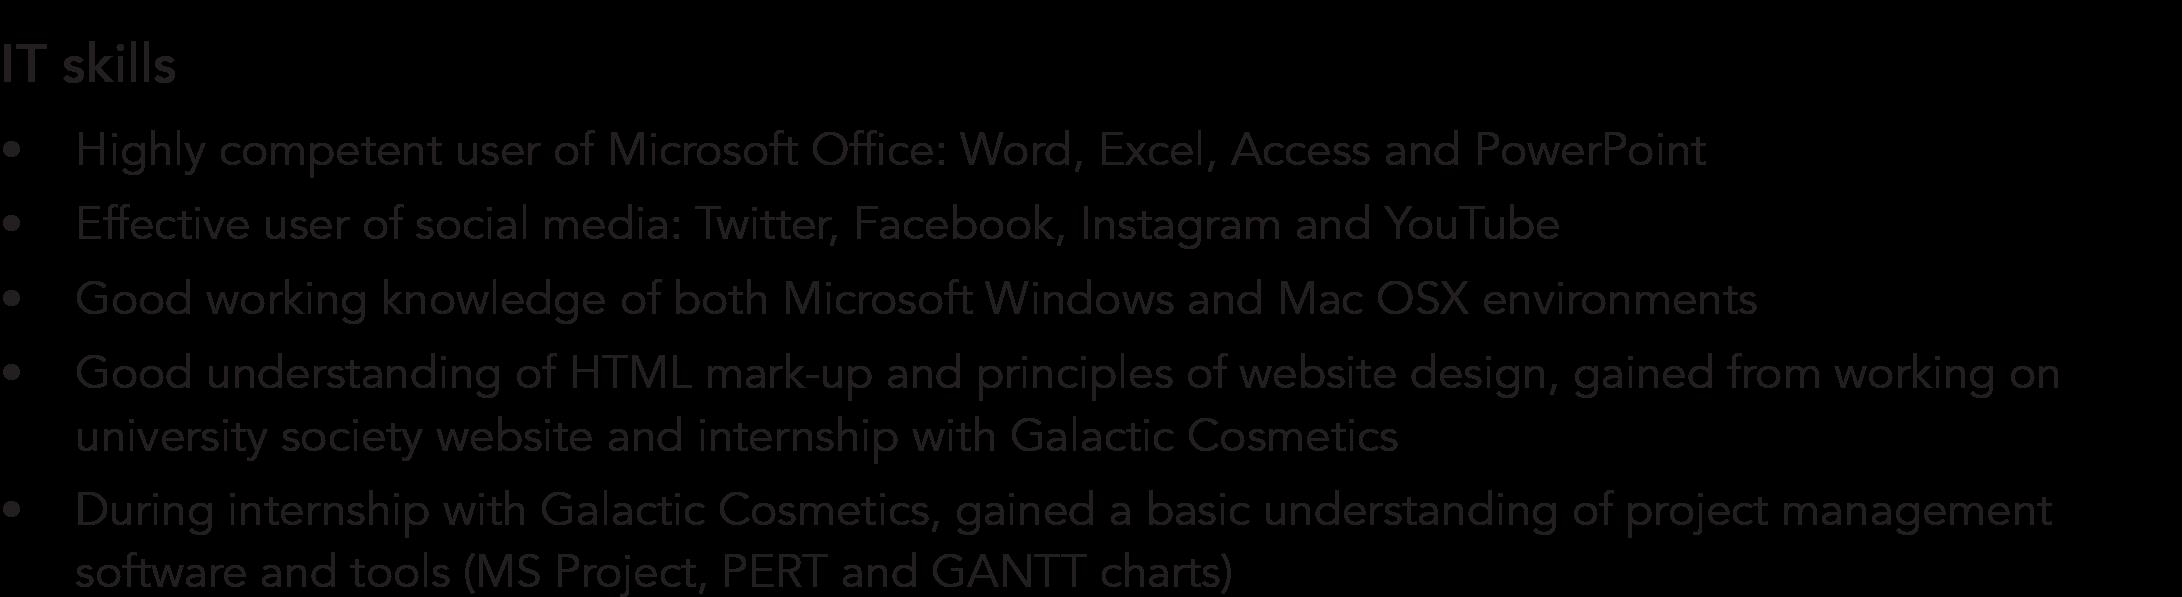 IT skills CV example